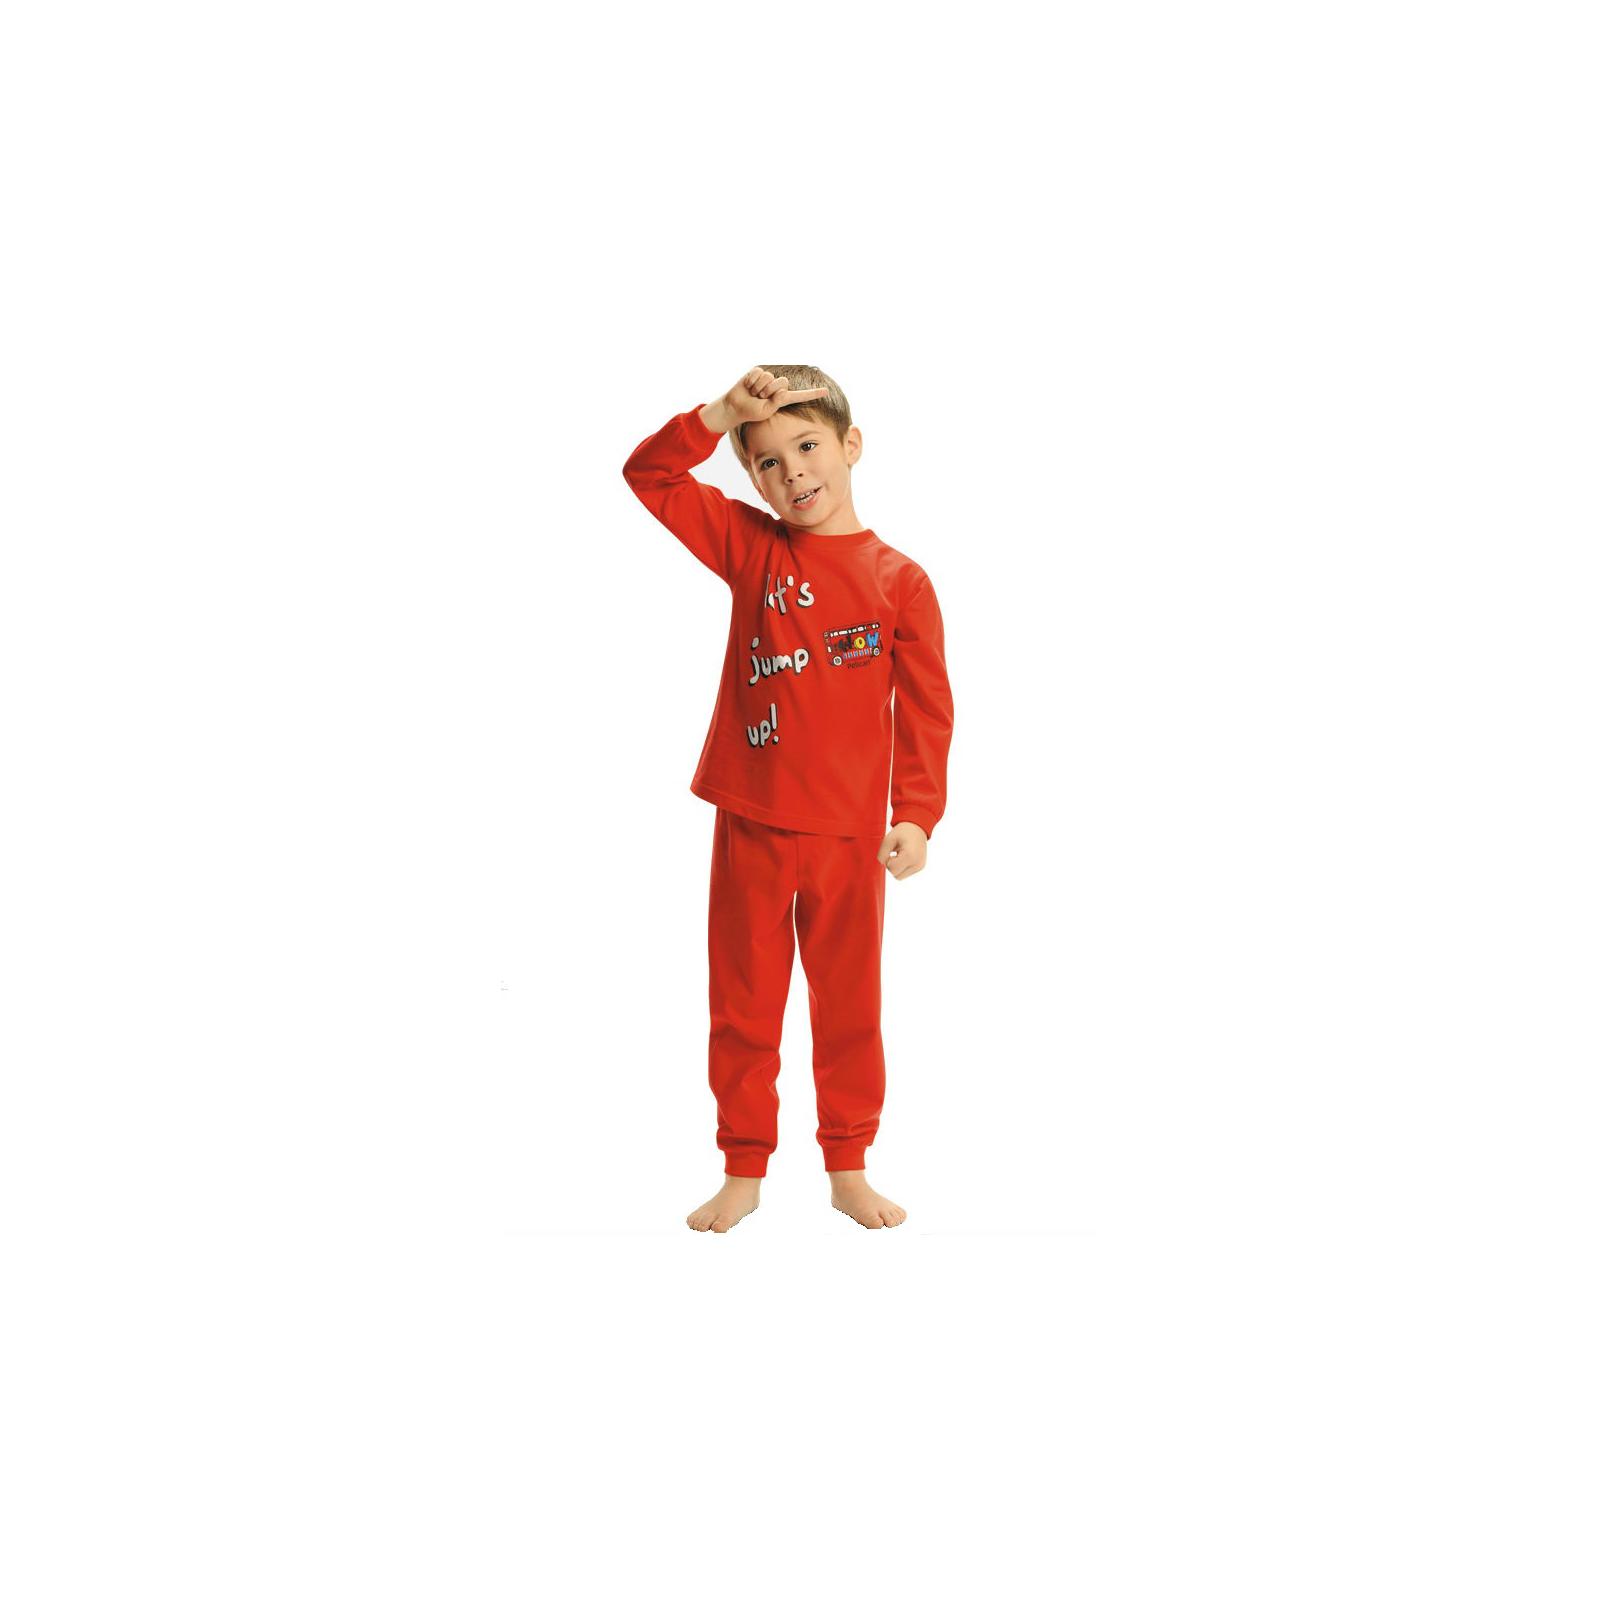 Пижама Pelican возраст 4 года